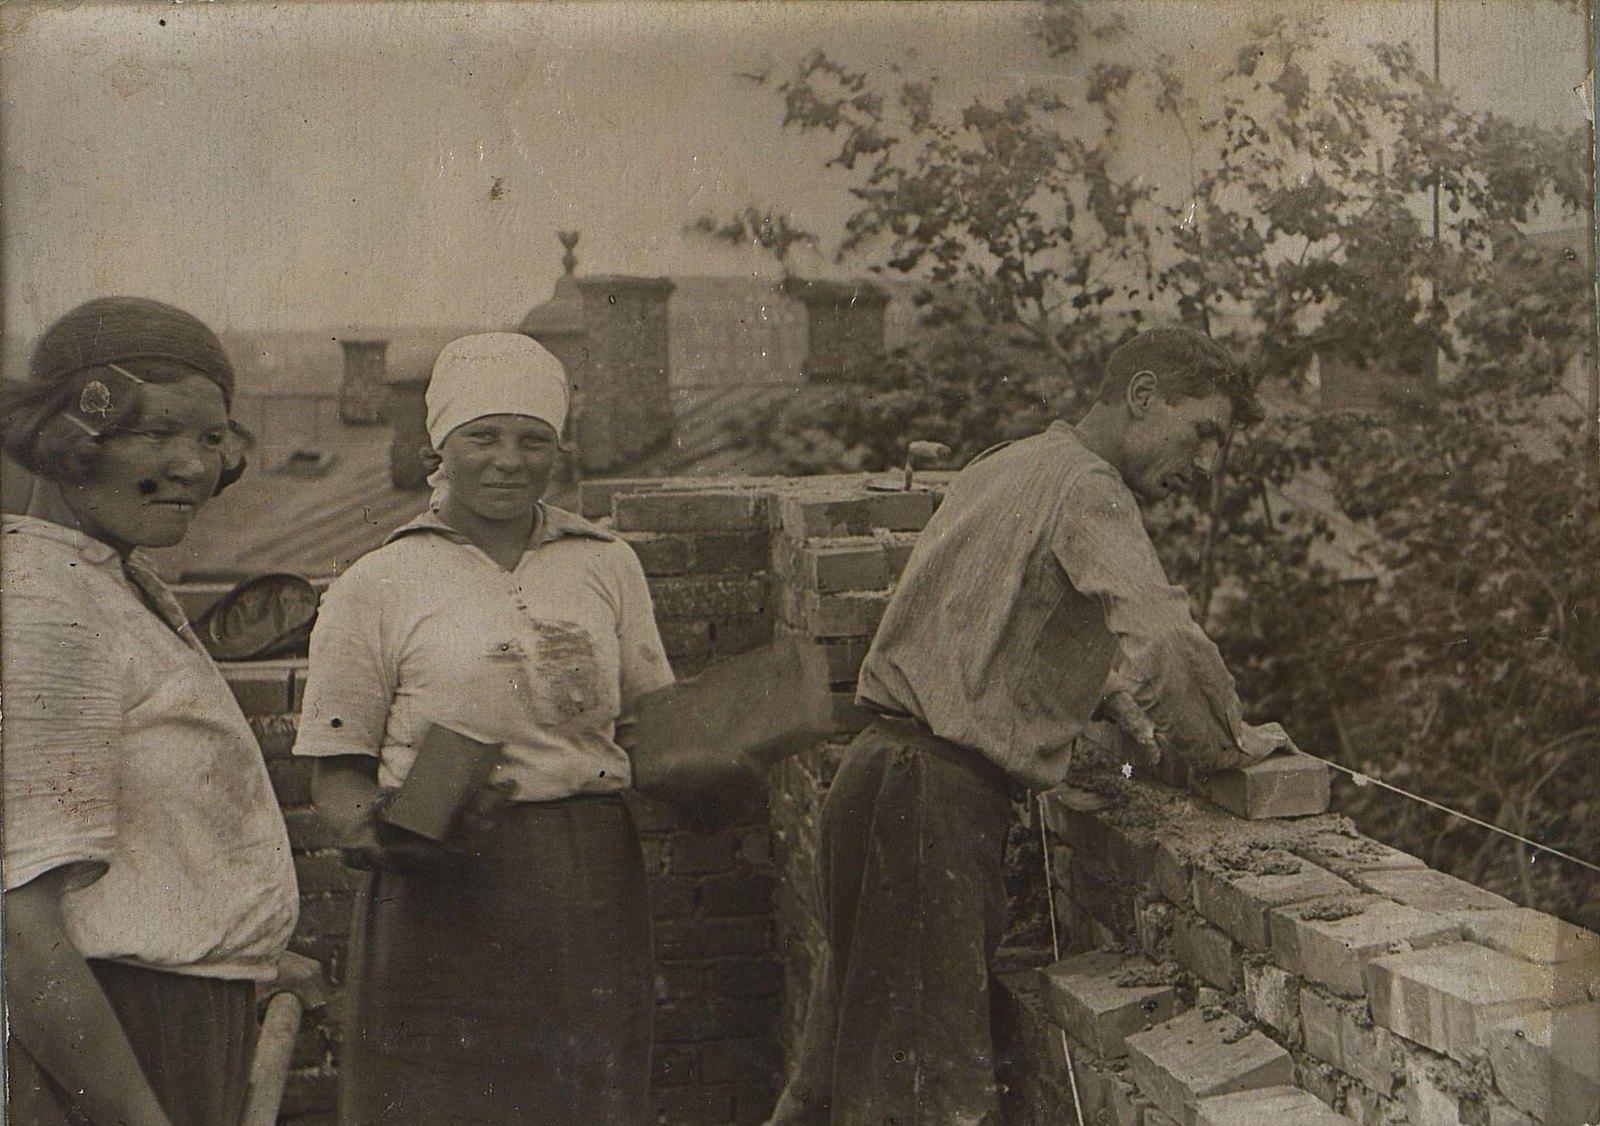 17. 1937. Каменщики за работой на строительстве школы на Нижней Пресне